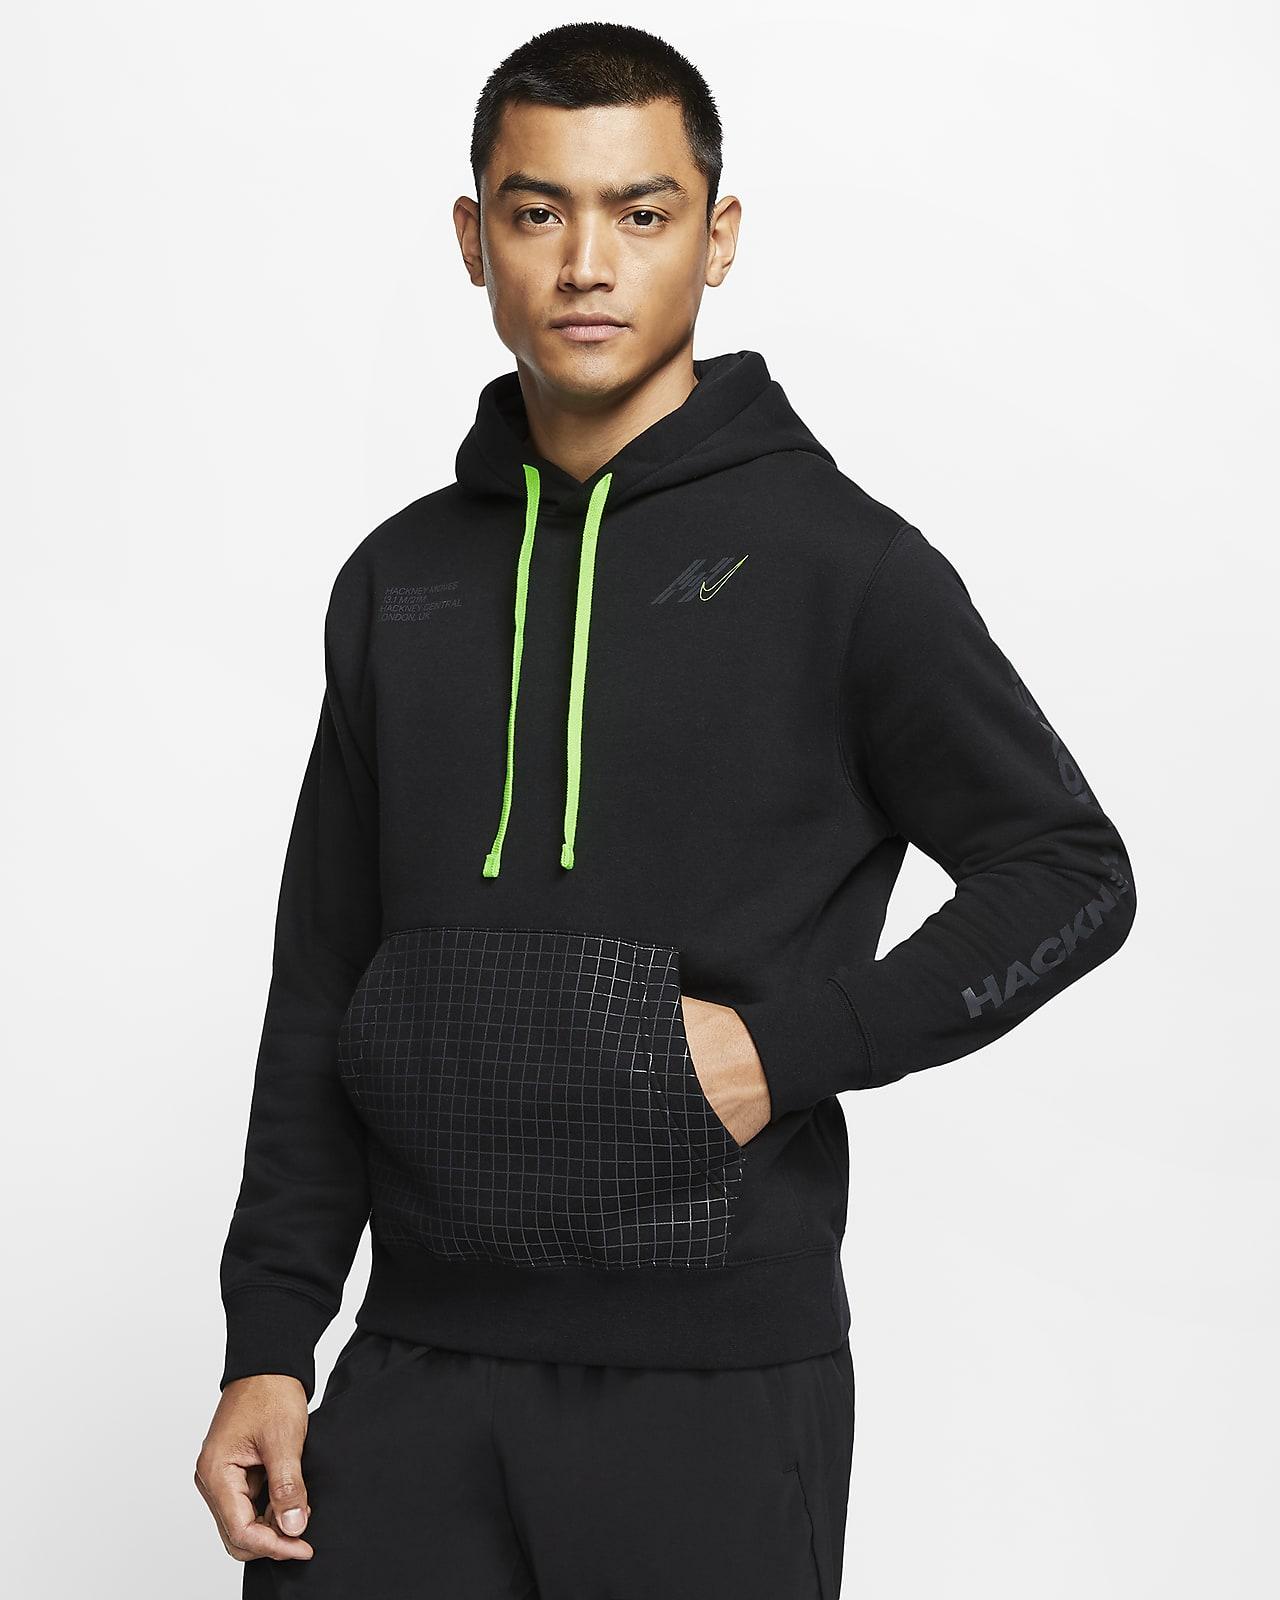 Μπλούζα με κουκούλα για τρέξιμο Nike Club Fleece